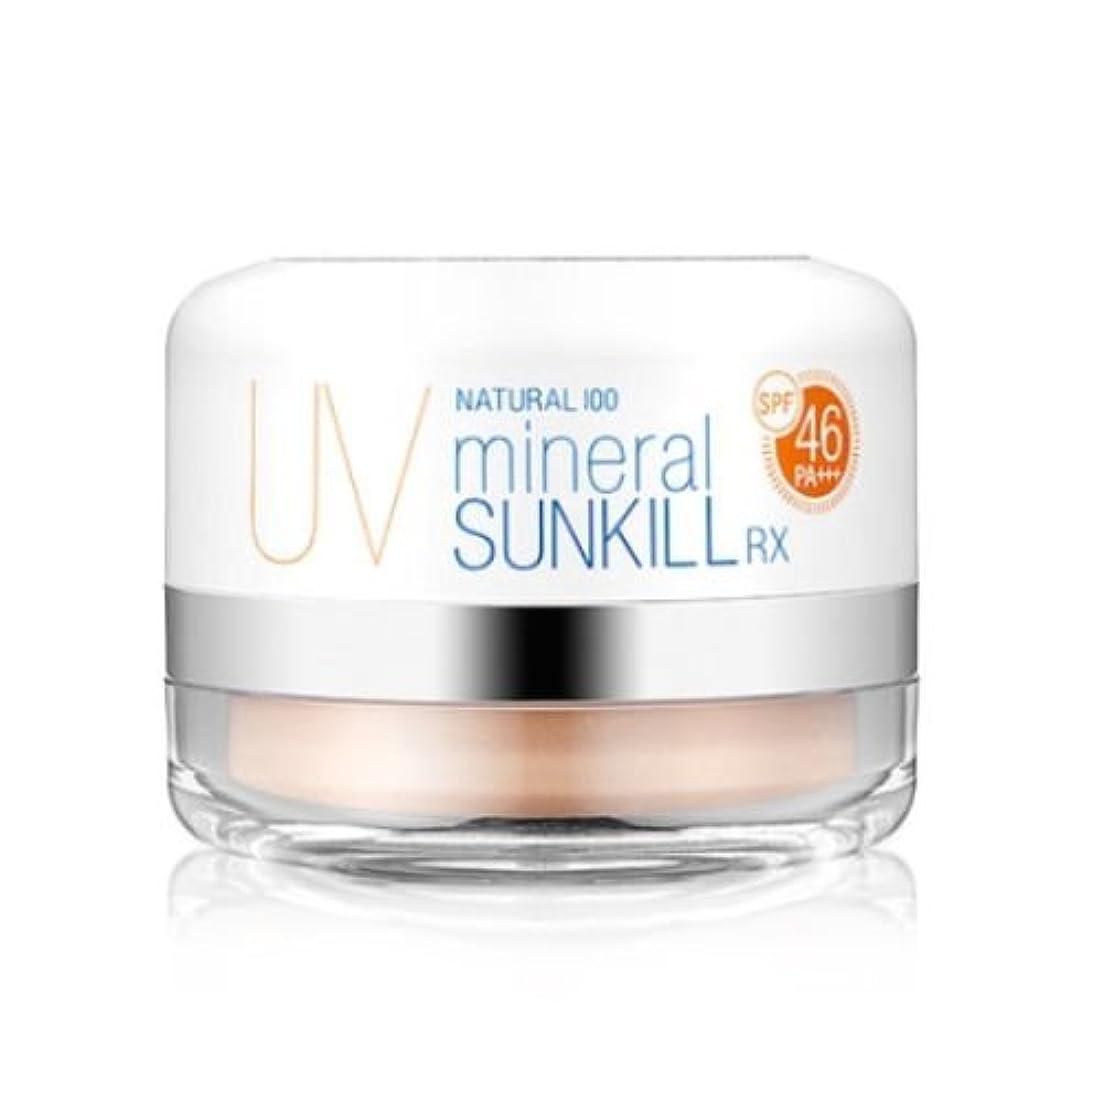 出します何か不健康カトリン[Catrin]Natural 100% Mineral Powder Sunkill RX Natural 100 Mineral Sunkill RX UV Powder ナチュラル100ミネラルソンキルRX...